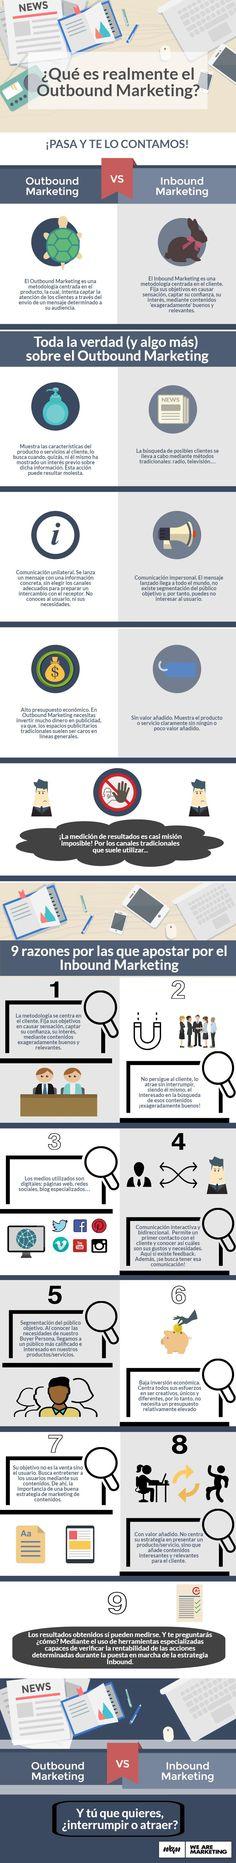 ¿Qué es realmente el Outbound Marketing?, ¿cuál es su funcionamiento habitual?, ¿en qué se diferencia del Inbound Marketing? #outboundmarketing #inboundmarketing